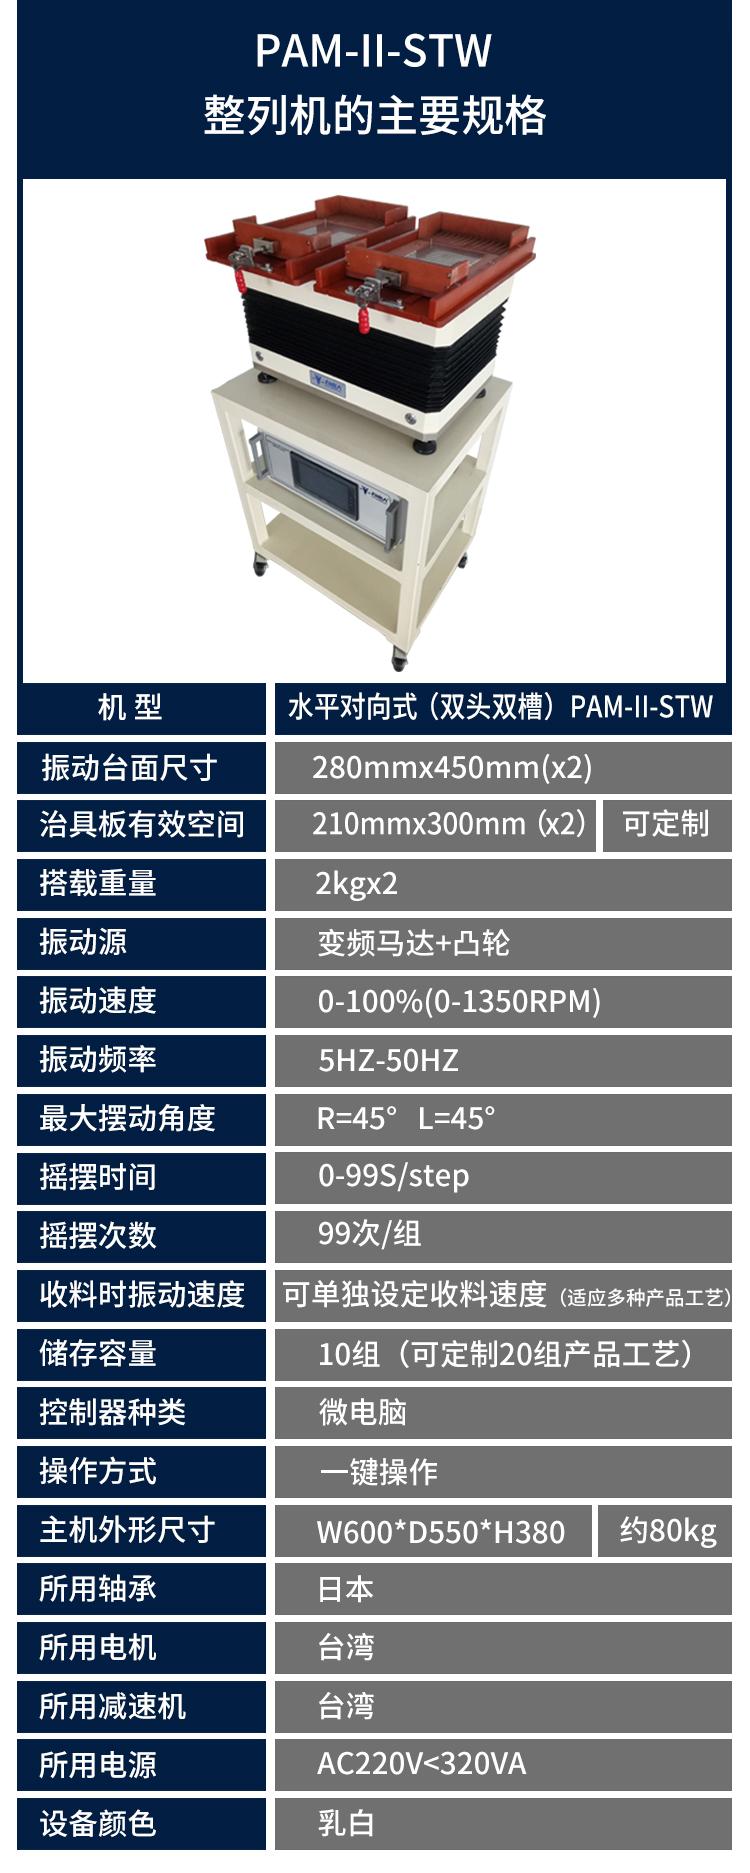 PAM-II-STW